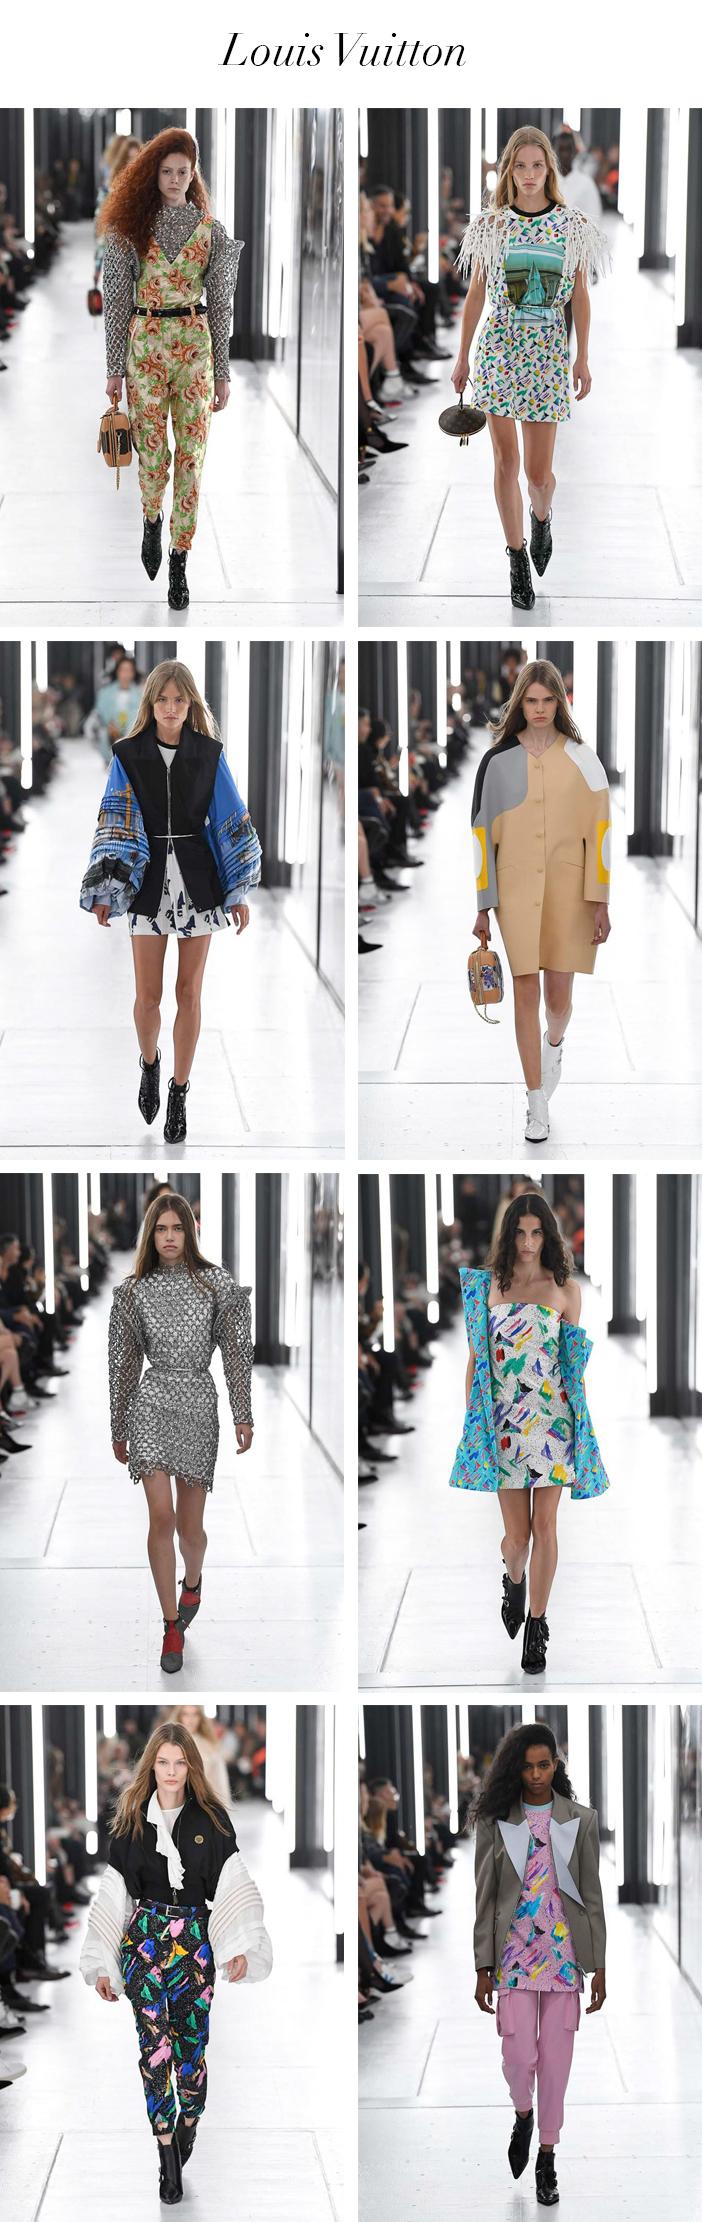 Semana de Moda de Paris - Verão 2019 - Louis Vuitton